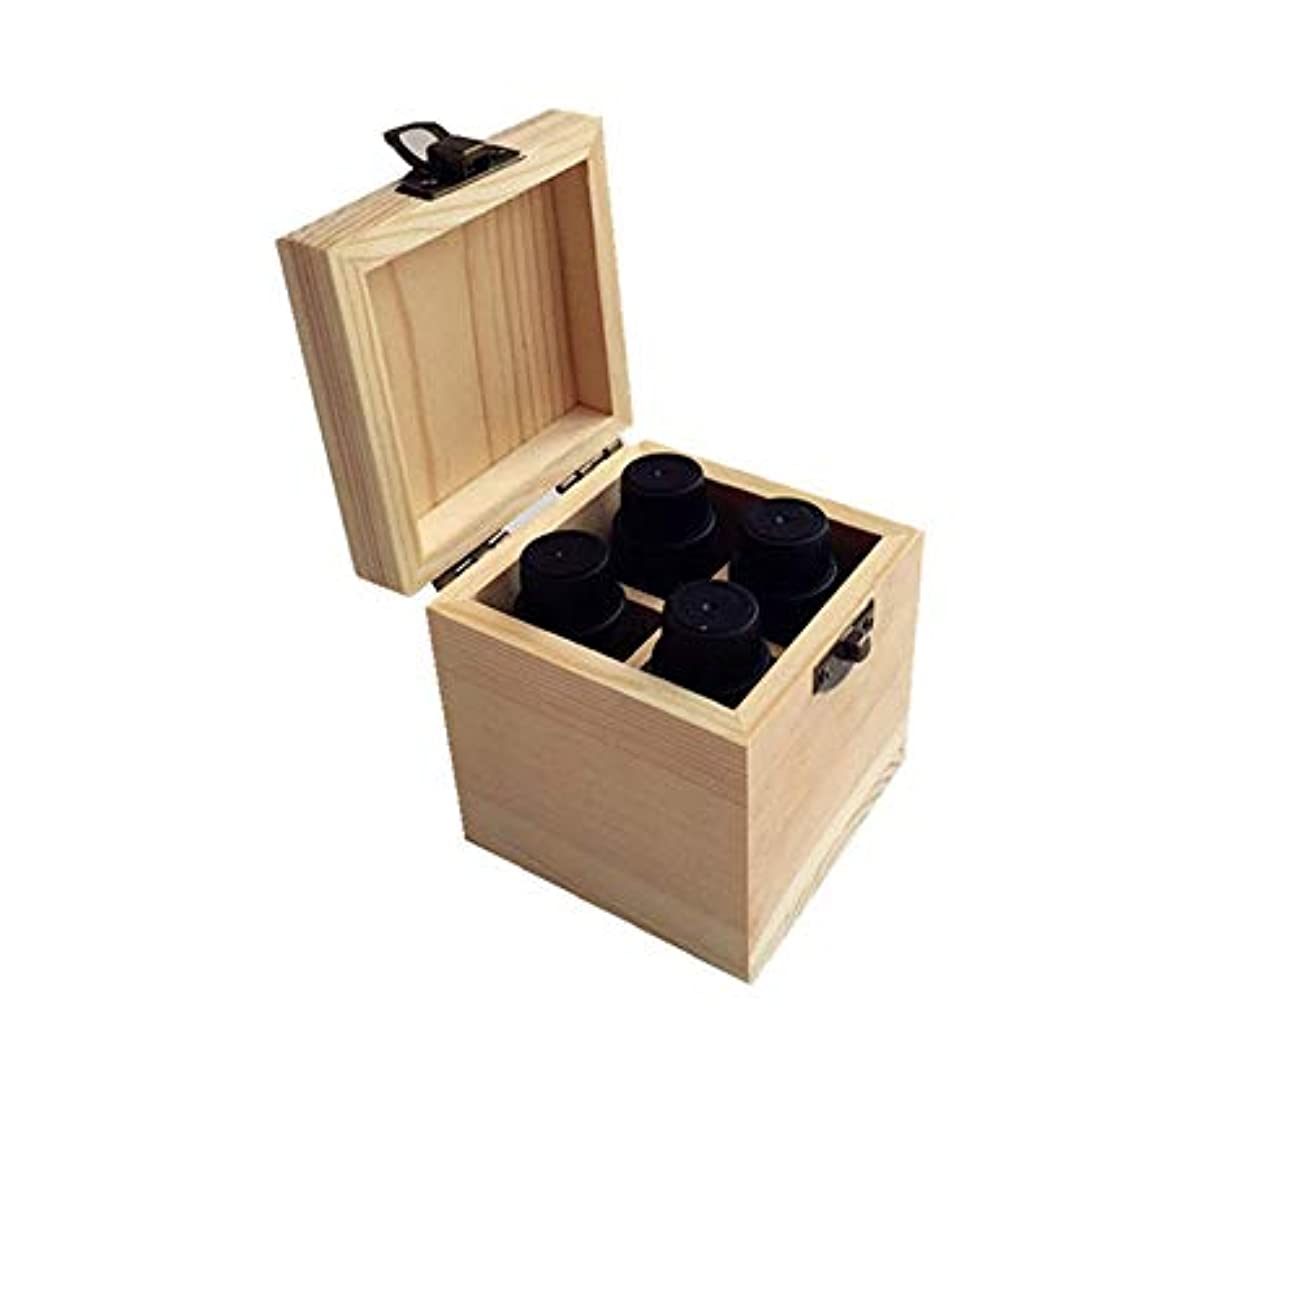 水ハチ水没4スロットの品質の木製エッセンシャルオイルストレージボックス アロマセラピー製品 (色 : Natural, サイズ : 8X8X9CM)